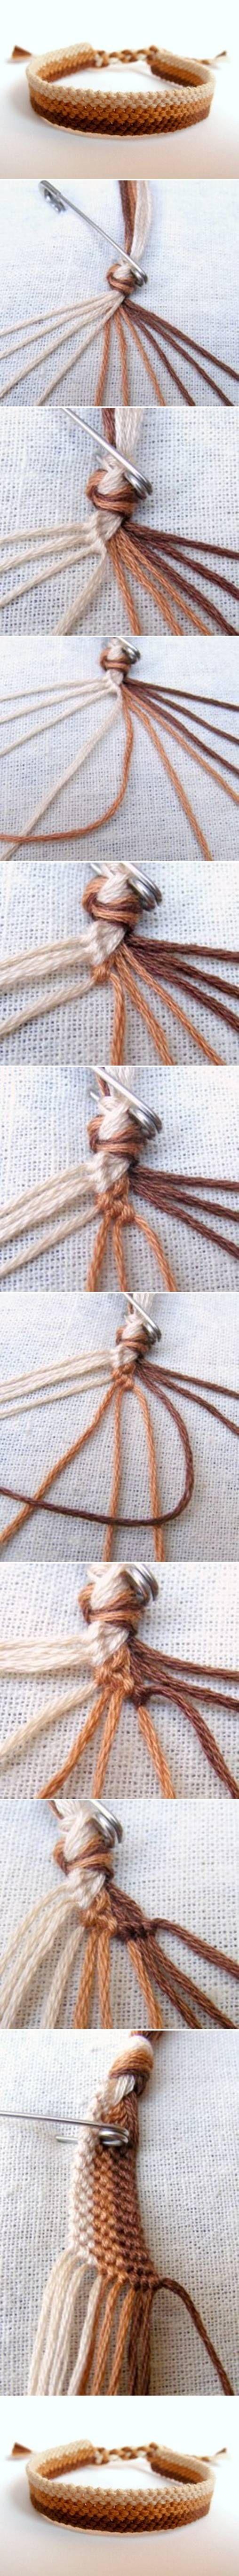 DIY Easy Weave Bracelet DIY Projects